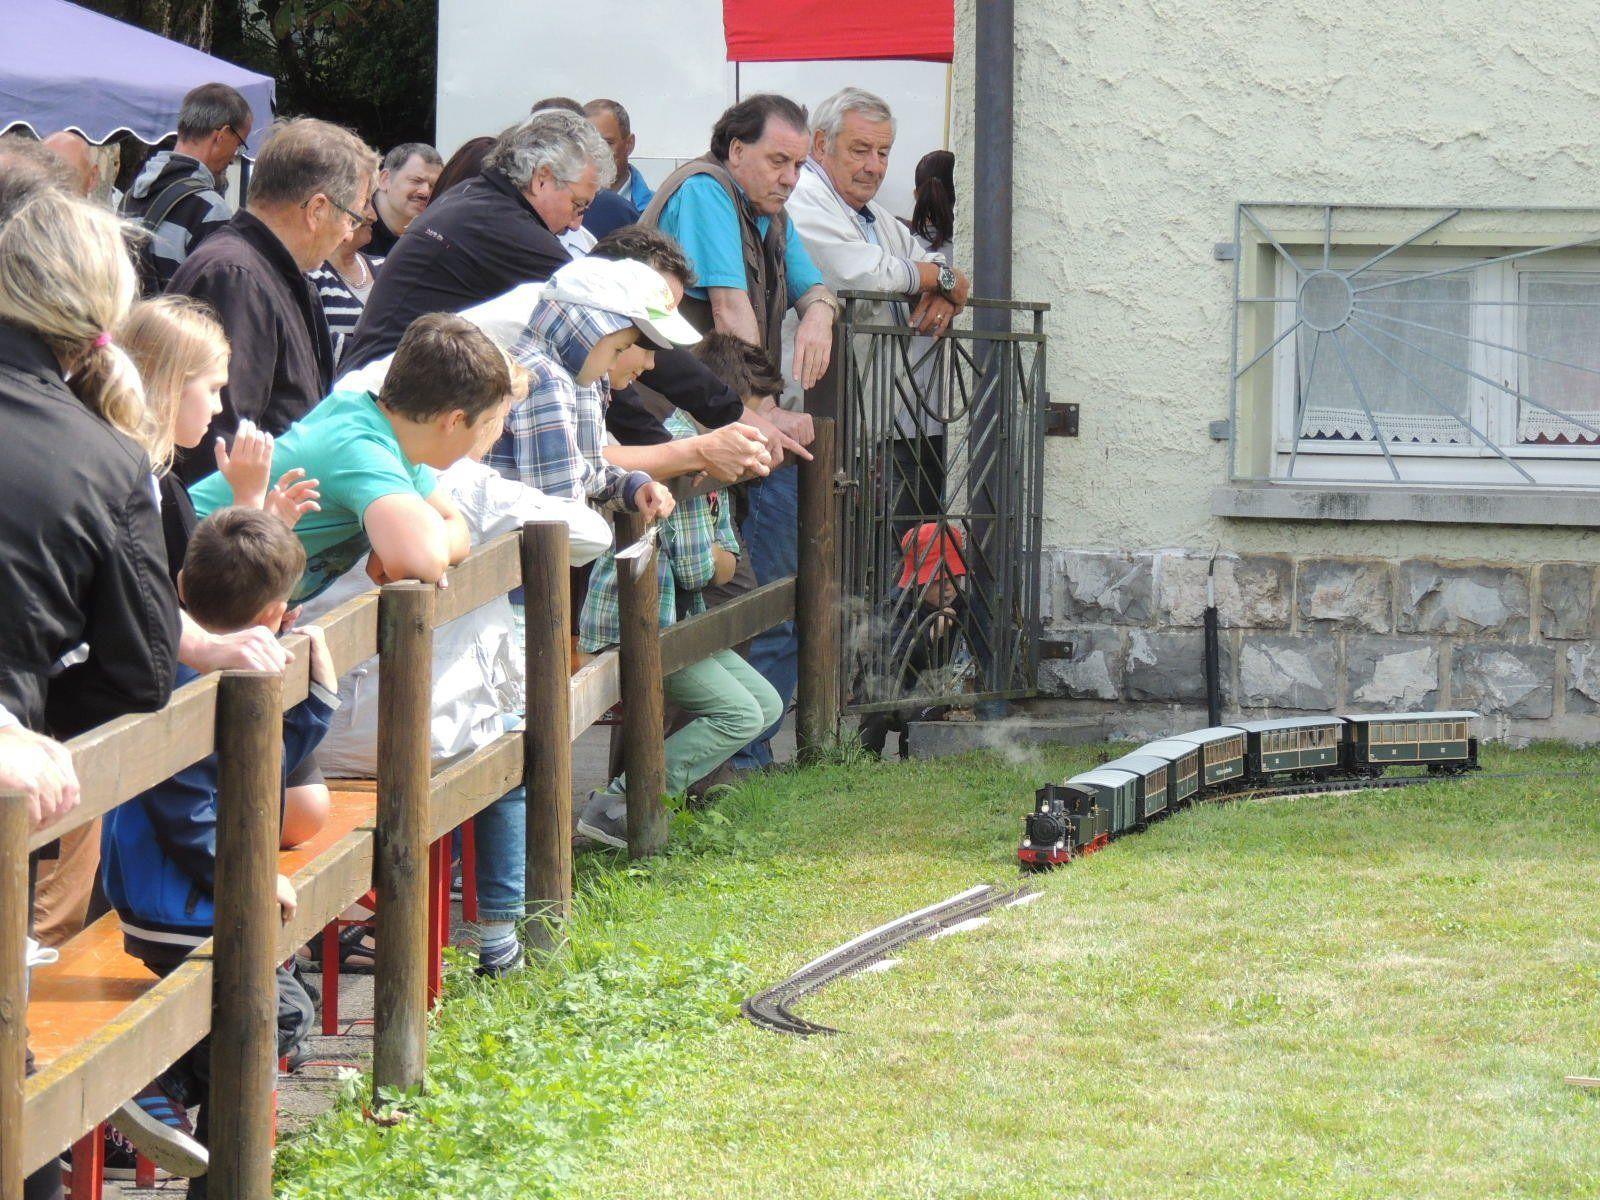 Die Welt der Miniatureisenbahnen erfreute Alt und Jung